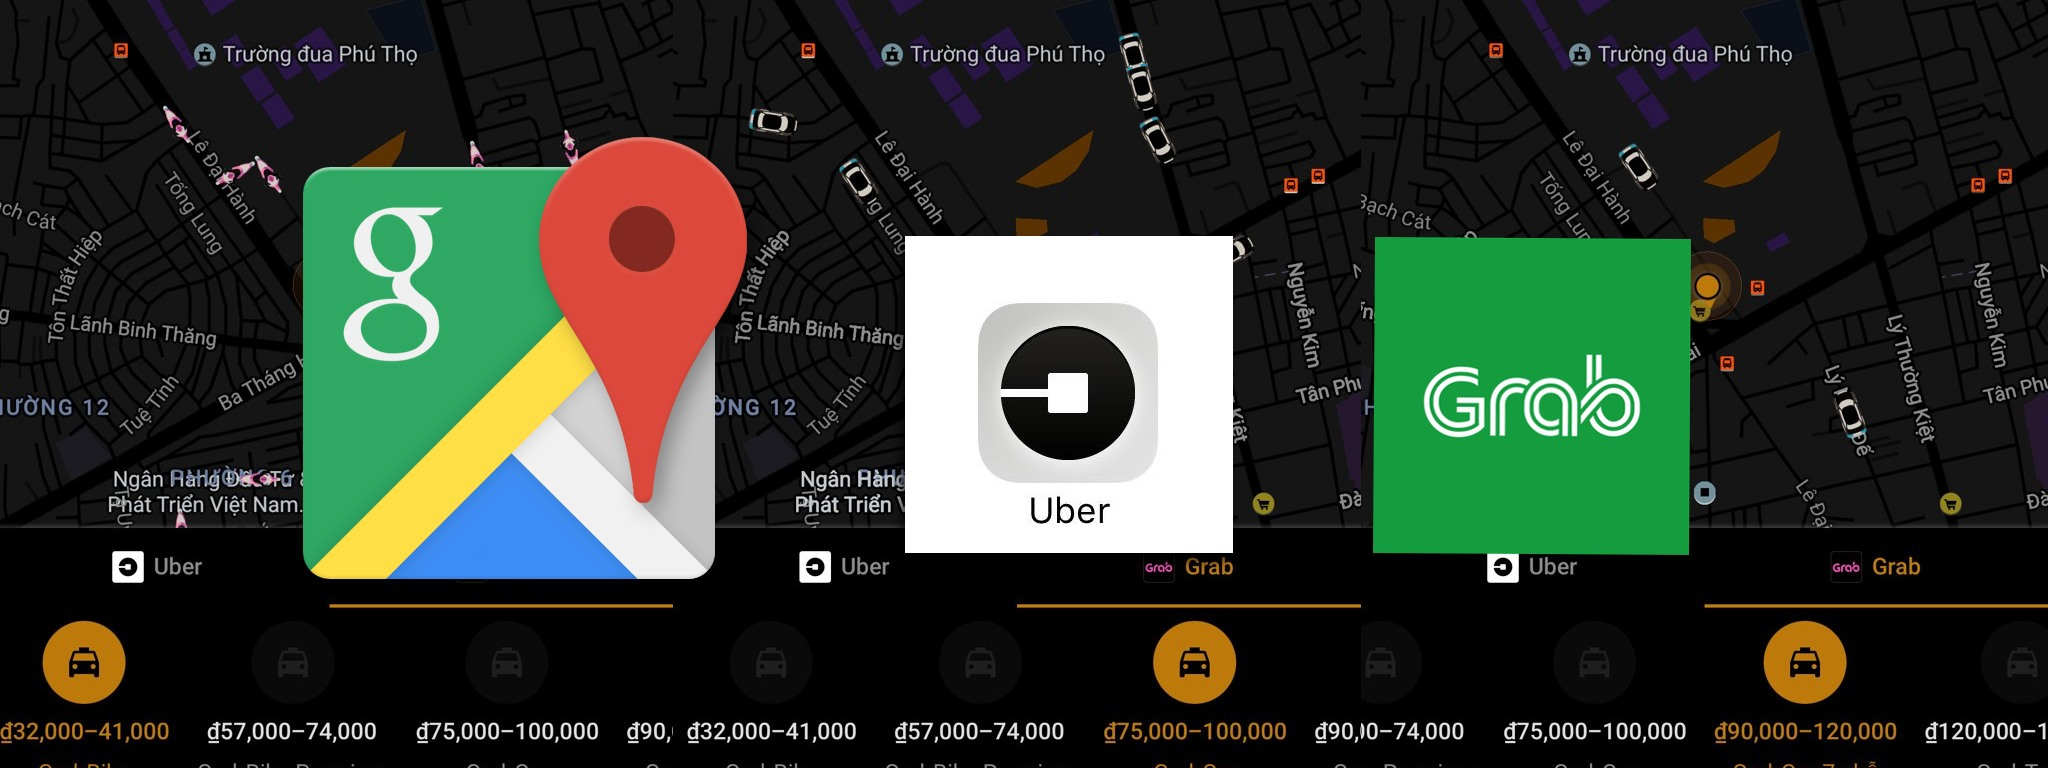 Google Map Việt Nam cập nhật hiển thị vị trí xe Grab, Uber, giá cước